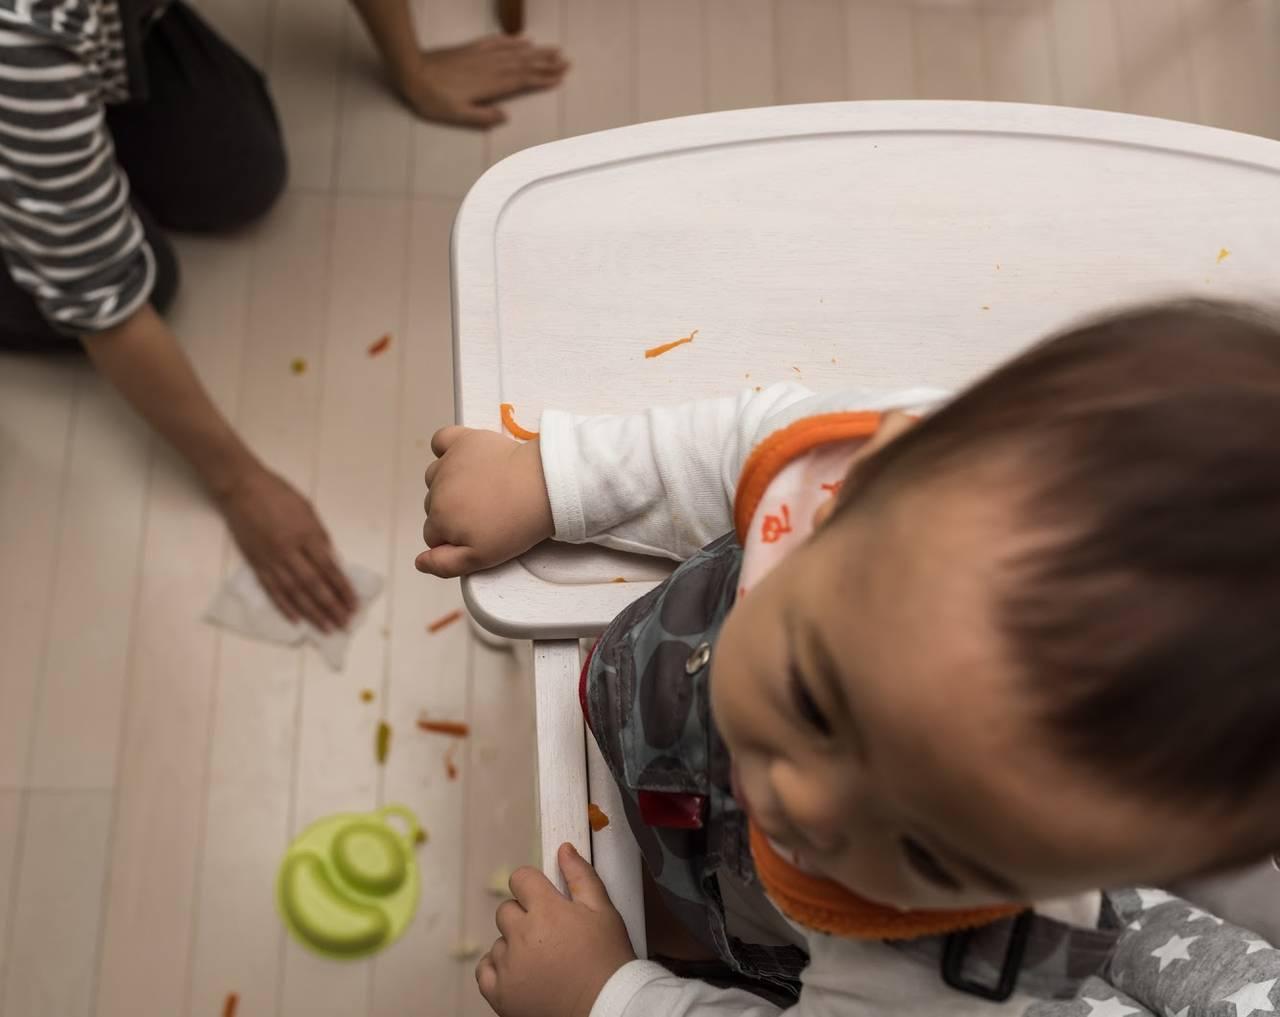 子どもは汚すのが仕事!ママのイライラを減らすためにできる工夫